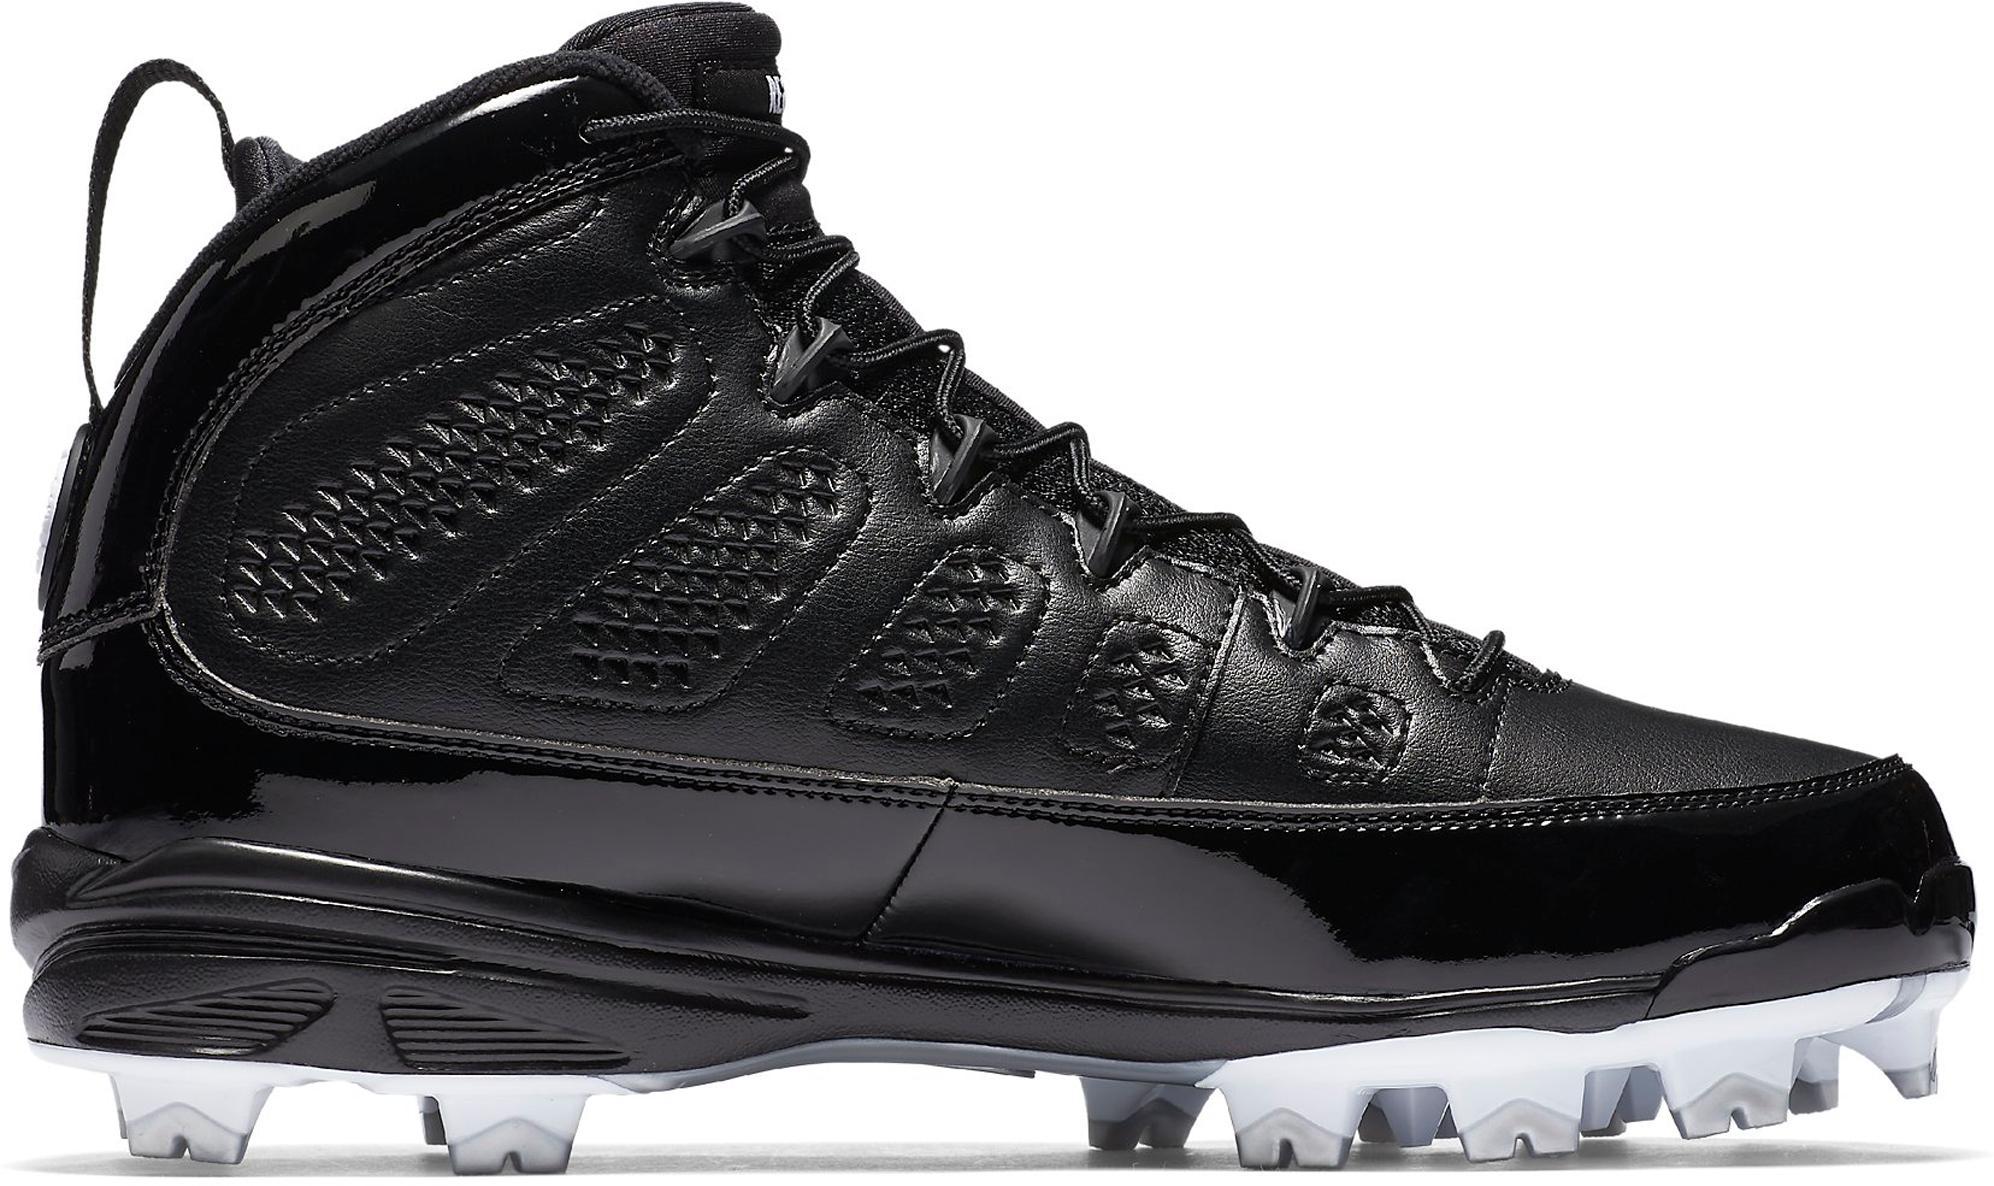 cc2738cae25c5f Lyst - Nike 9 Retro Mcs Cleat Re2pect Black in Black for Men